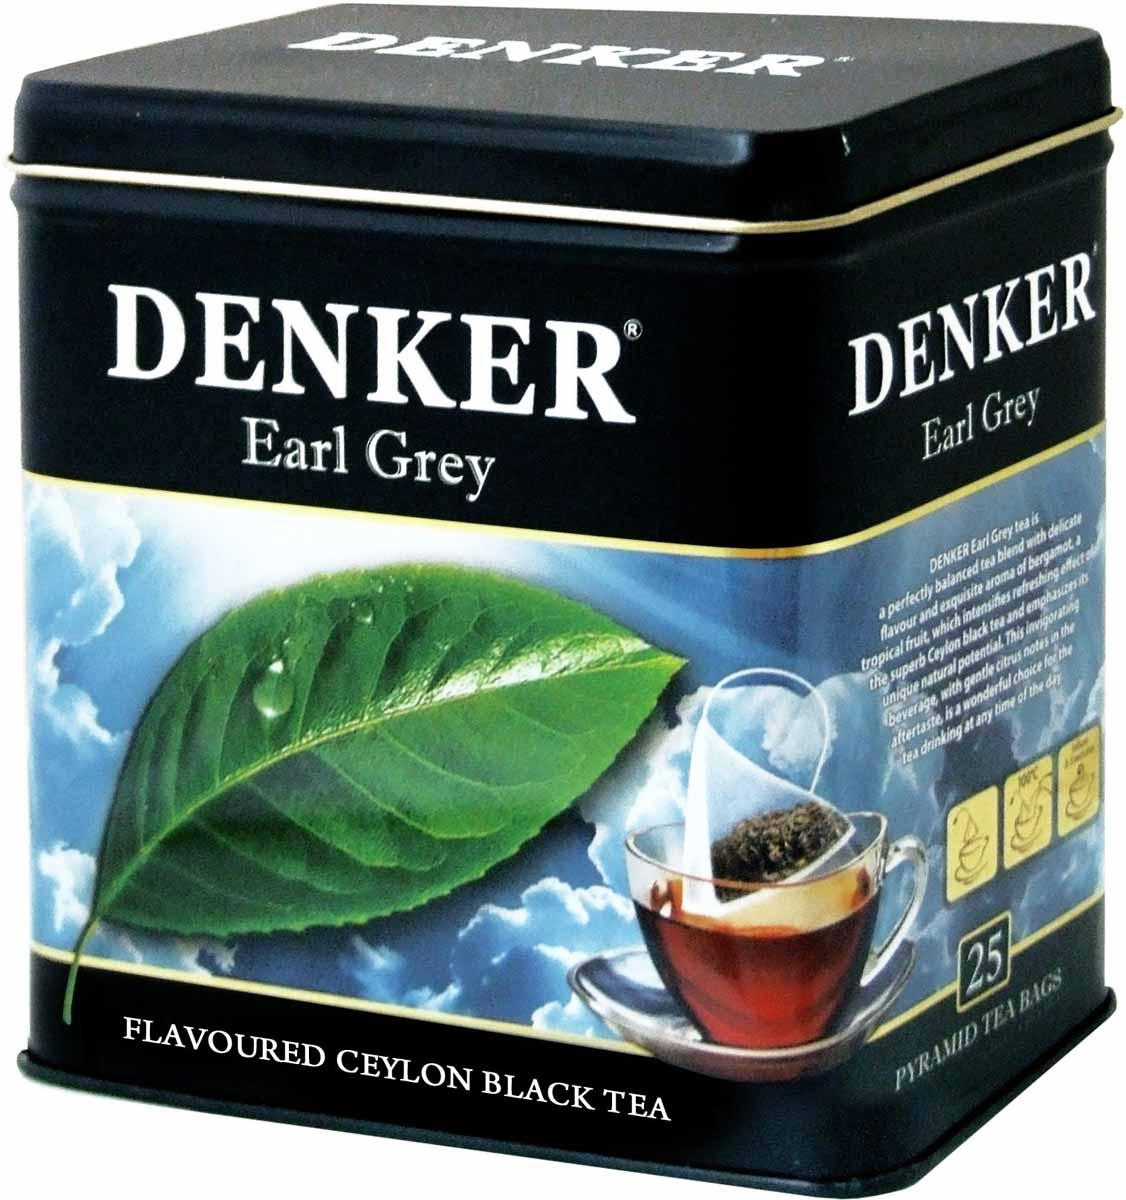 Denker Earl Grey черный чай в пирамидках, 25 шт1080073Чай Denker Earl Grey - это превосходно сбалансированный купаж с изысканным вкусом и тончайшим ароматом бергамота, тропического фрукта, который усиливает освежающее действие великолепного черного цейлонского чая, подчеркивая его неповторимые природные достоинства. Этот бодрящий напиток с легкими цитрусовыми нотками в послевкусии прекрасно подходит для чаепития в любое время.